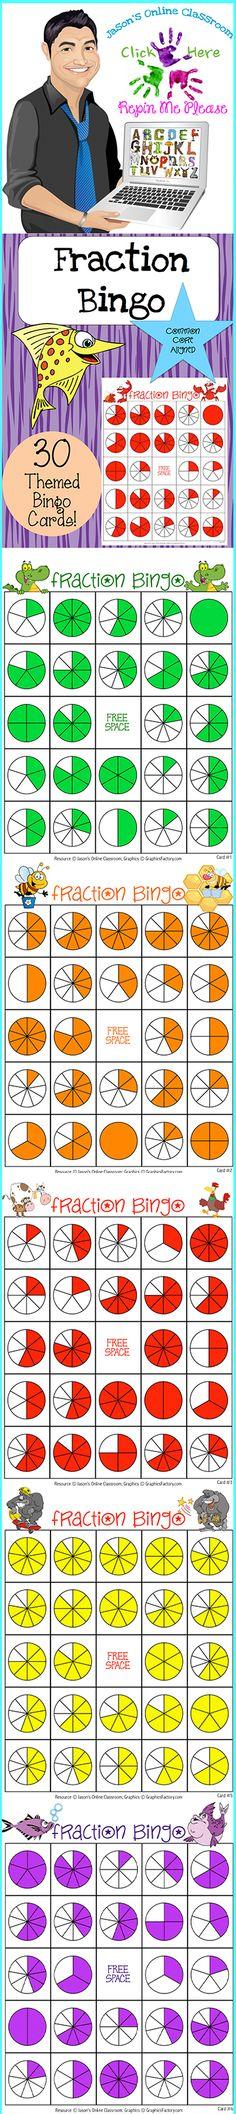 Bingo met breuken en verdelingen. Zelf te maken of een digitale download online bestellen: http://jasonsonlineclassroom.com./graphics-factory/